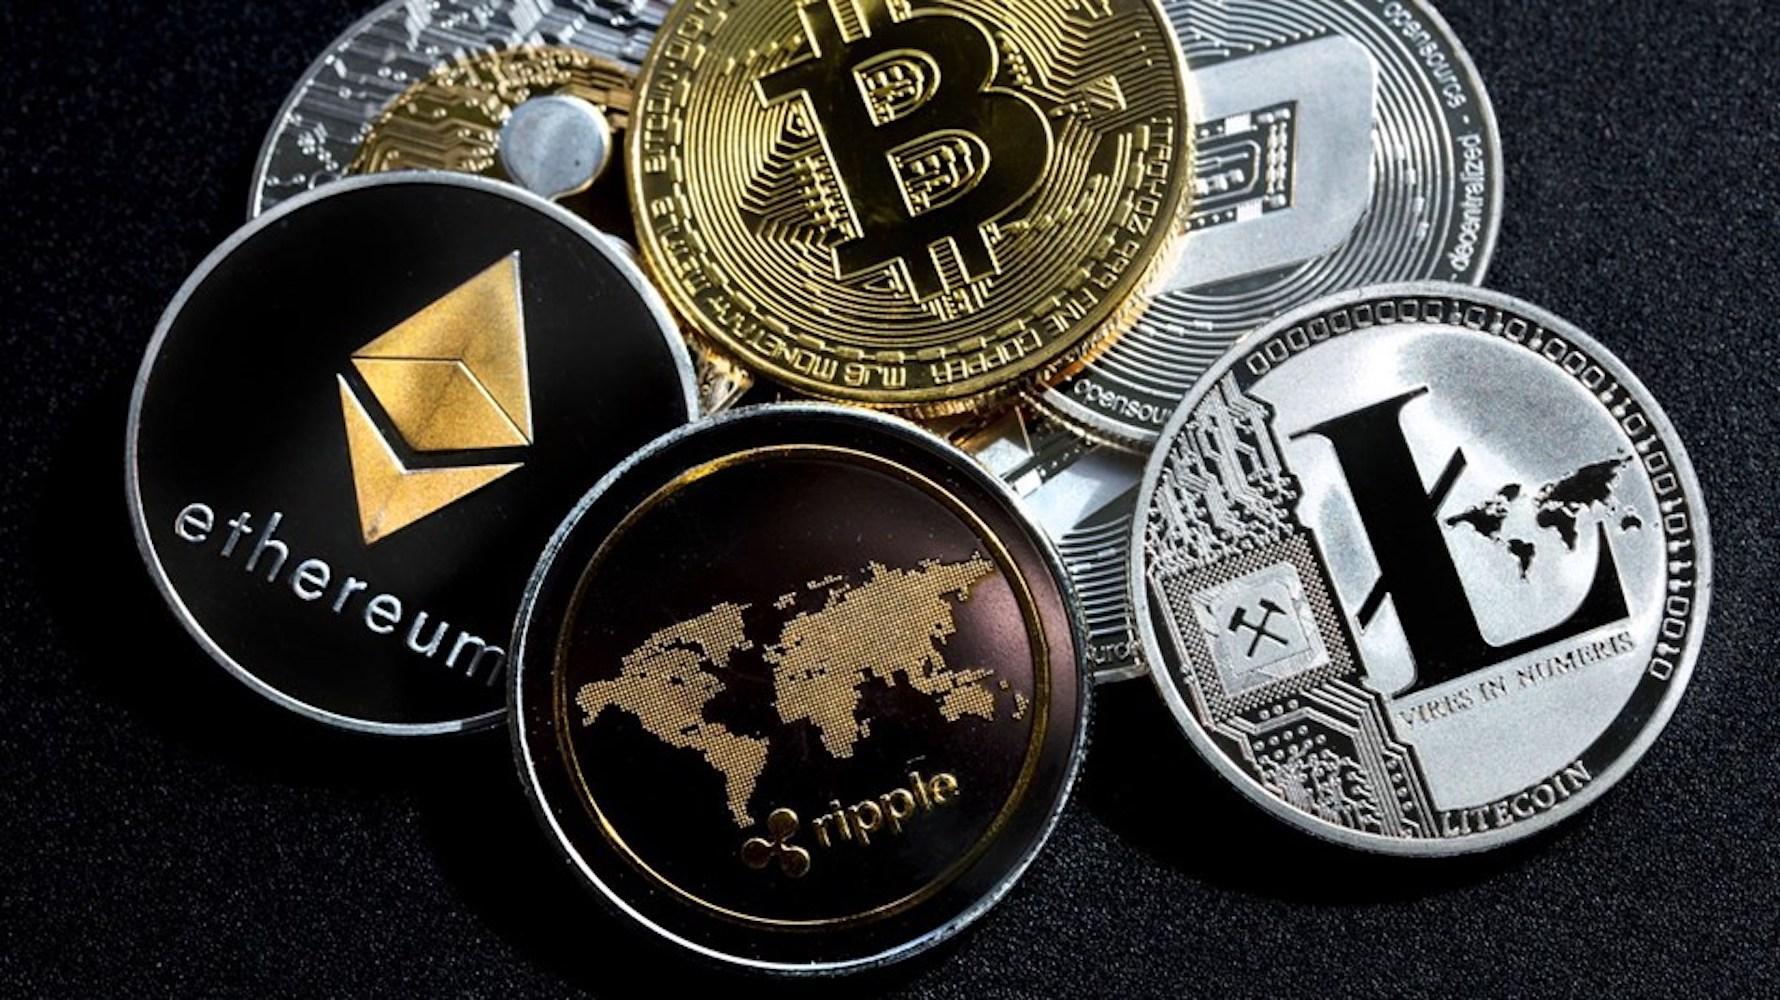 virtual cryptocurrencies